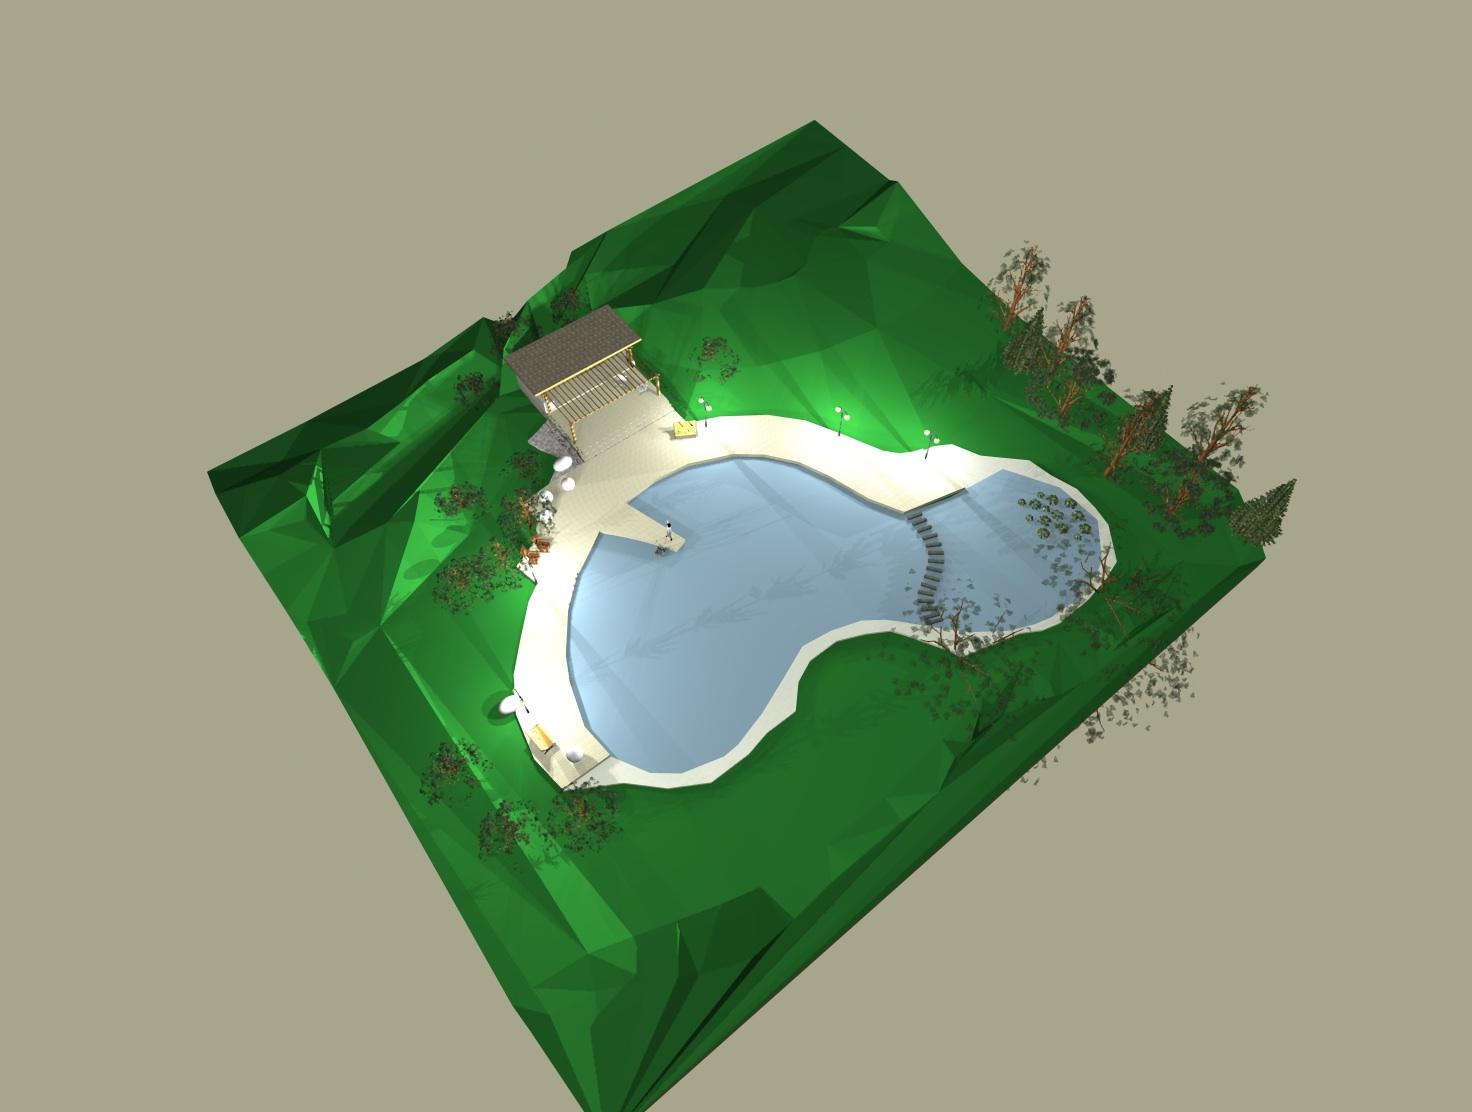 Zunanja ureditev _ plavalni ribnik